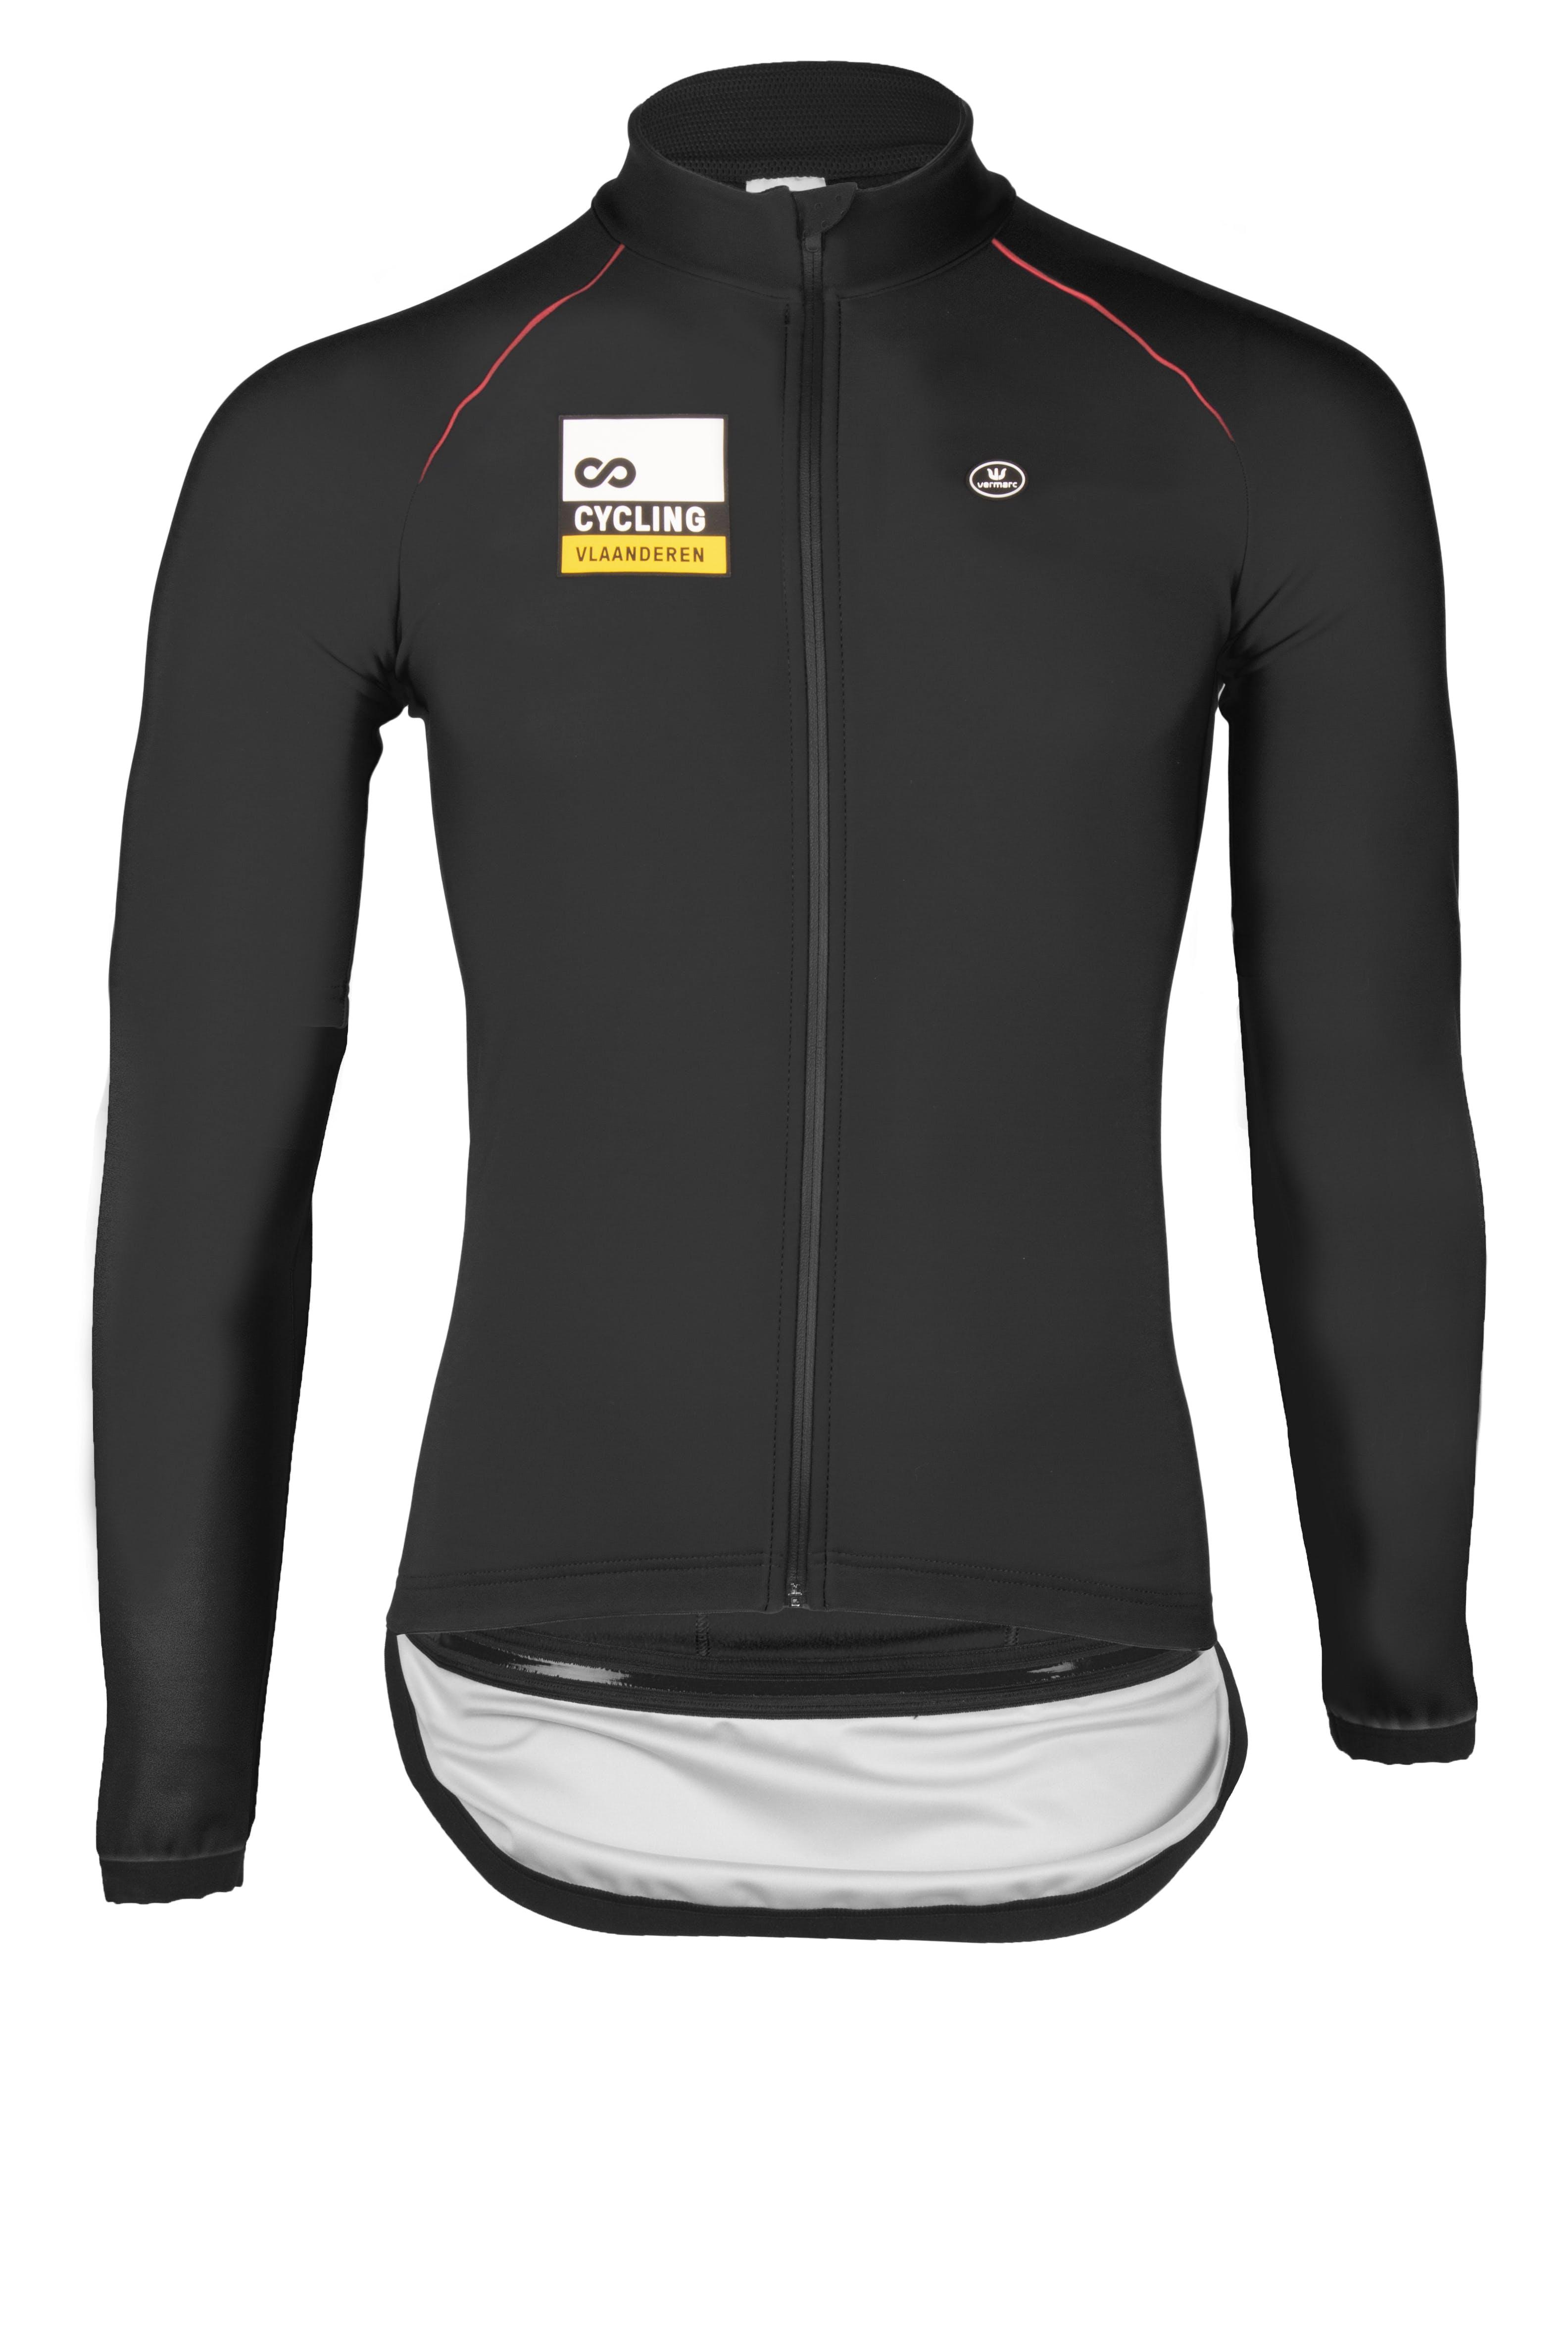 Cycling Vlaanderen - Zero Aqua Manches Longues